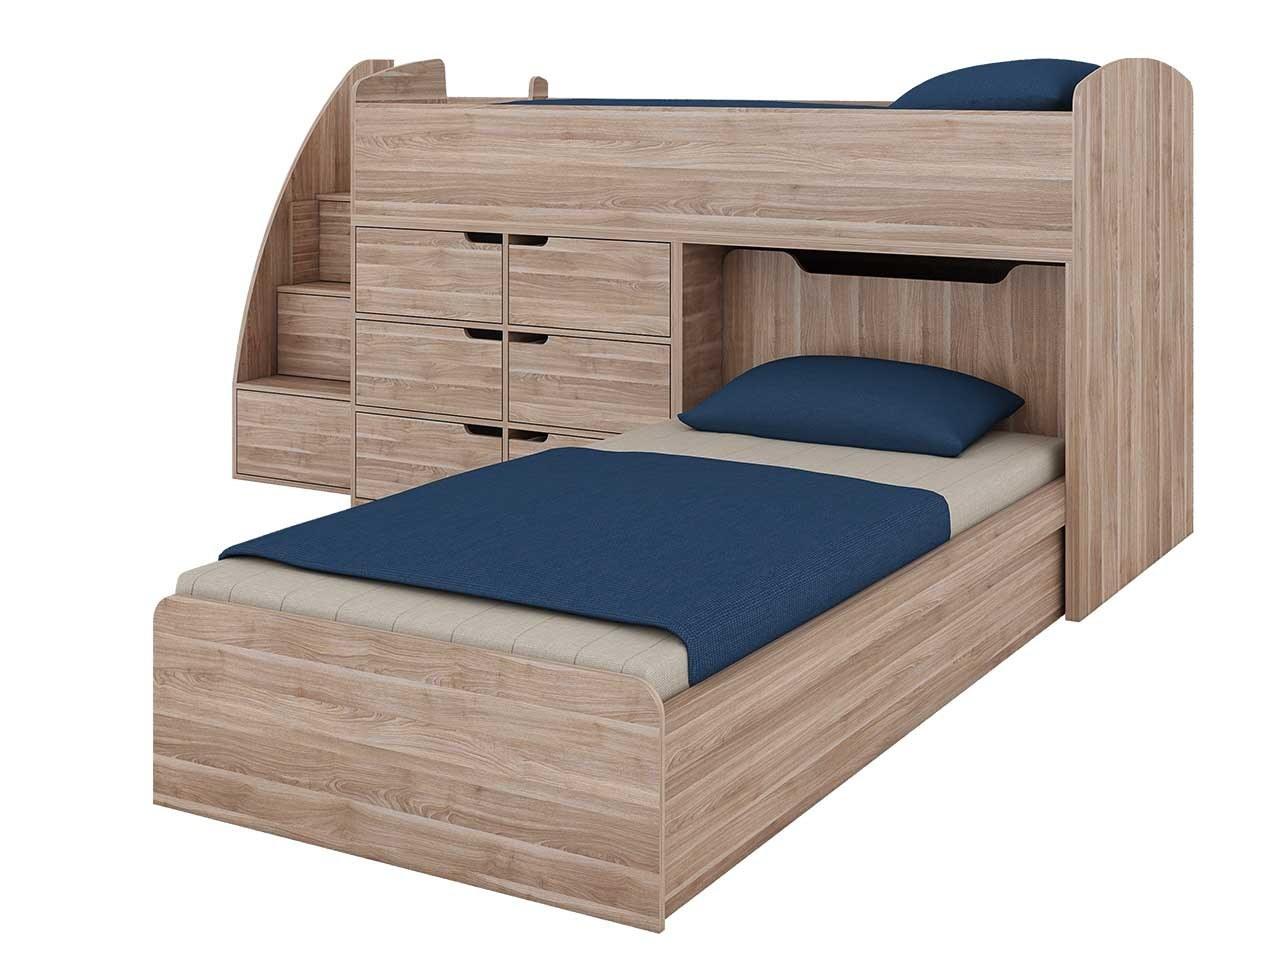 عکس تخت خواب دو طبقه BT 703  تخت-خواب-دو-طبقه-bt-703